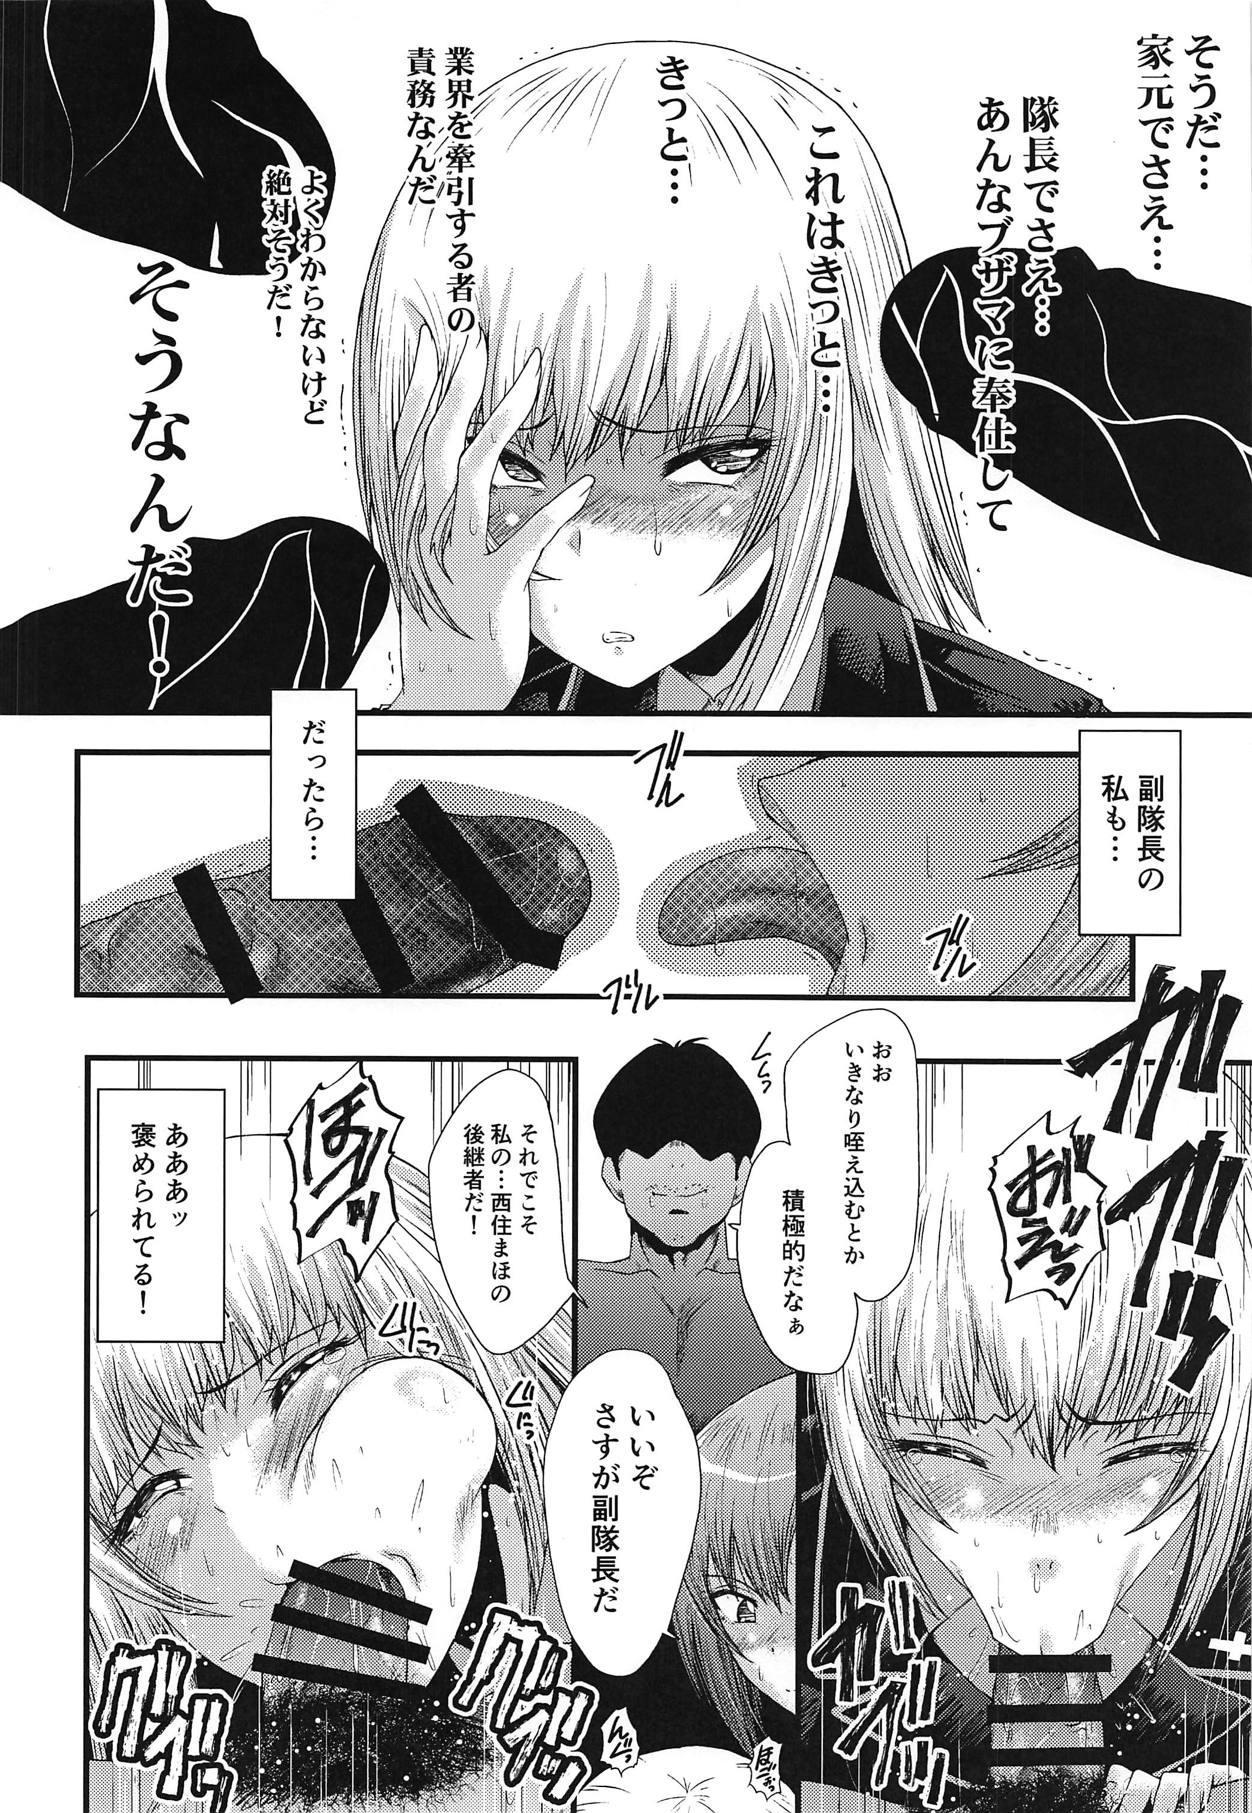 Urabambi Vol. 58 Genfuku Taichou o Seiteki ni Yorokobasechau Hon 12